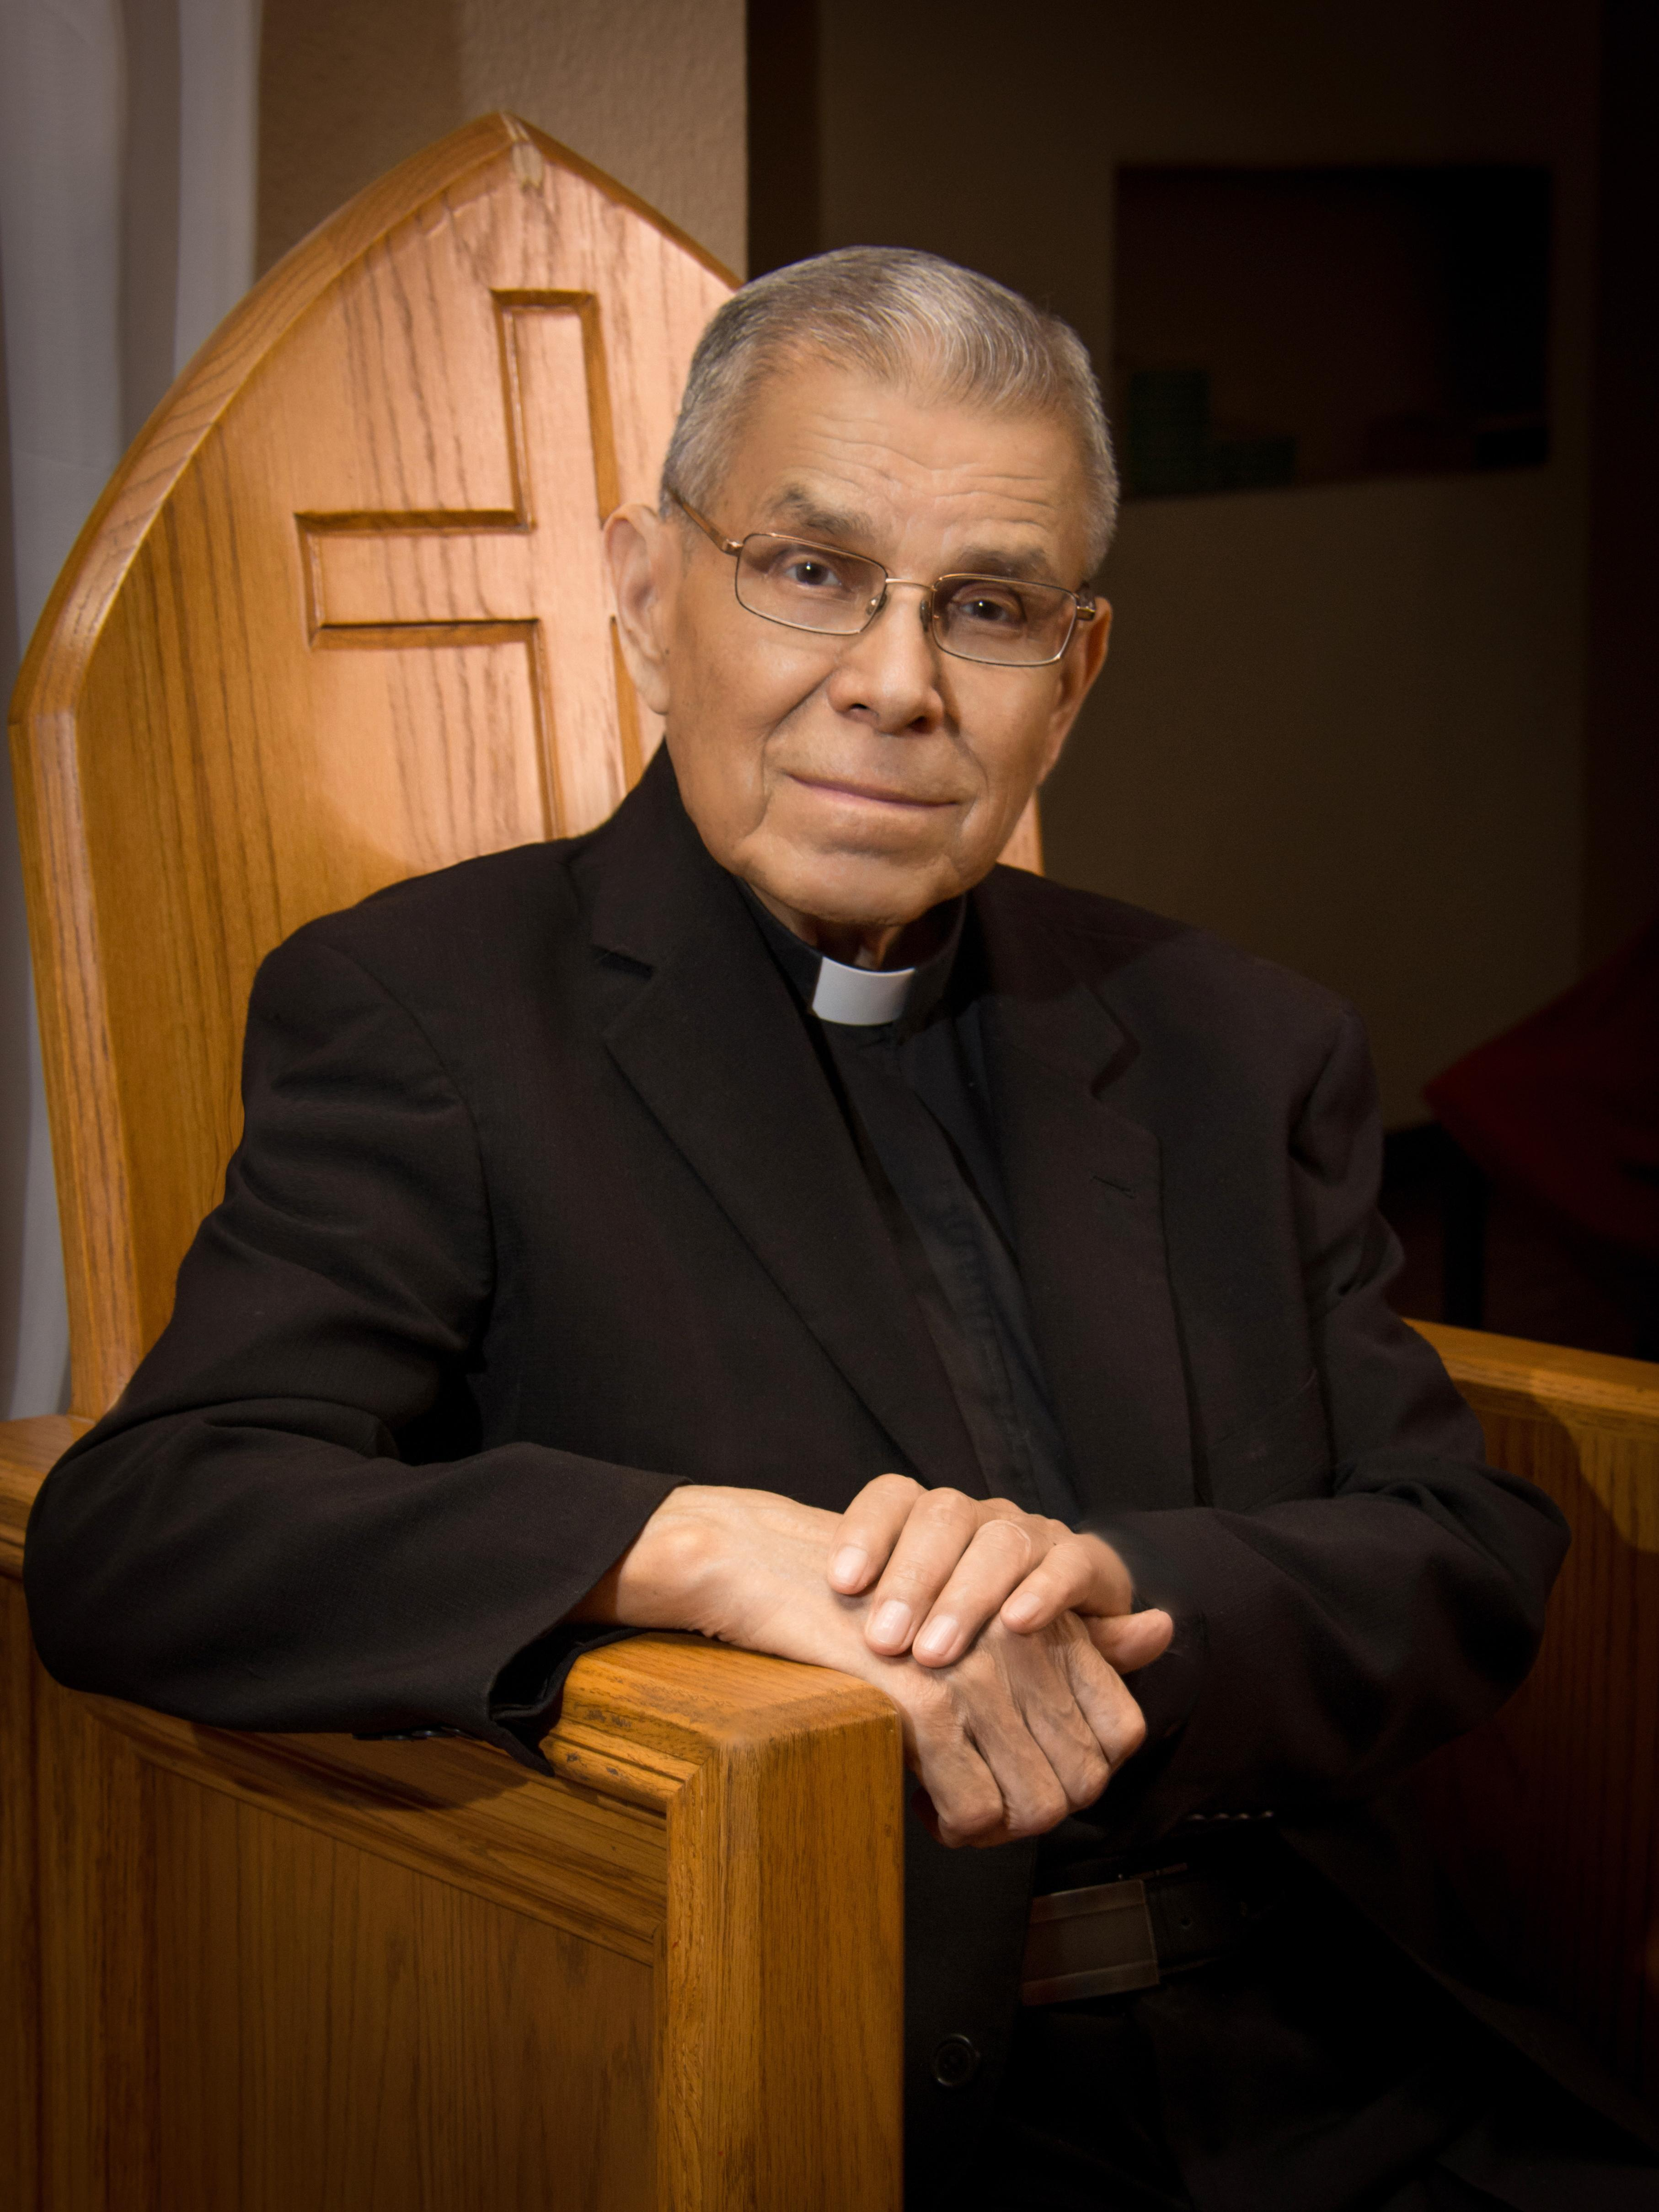 Father Jasso